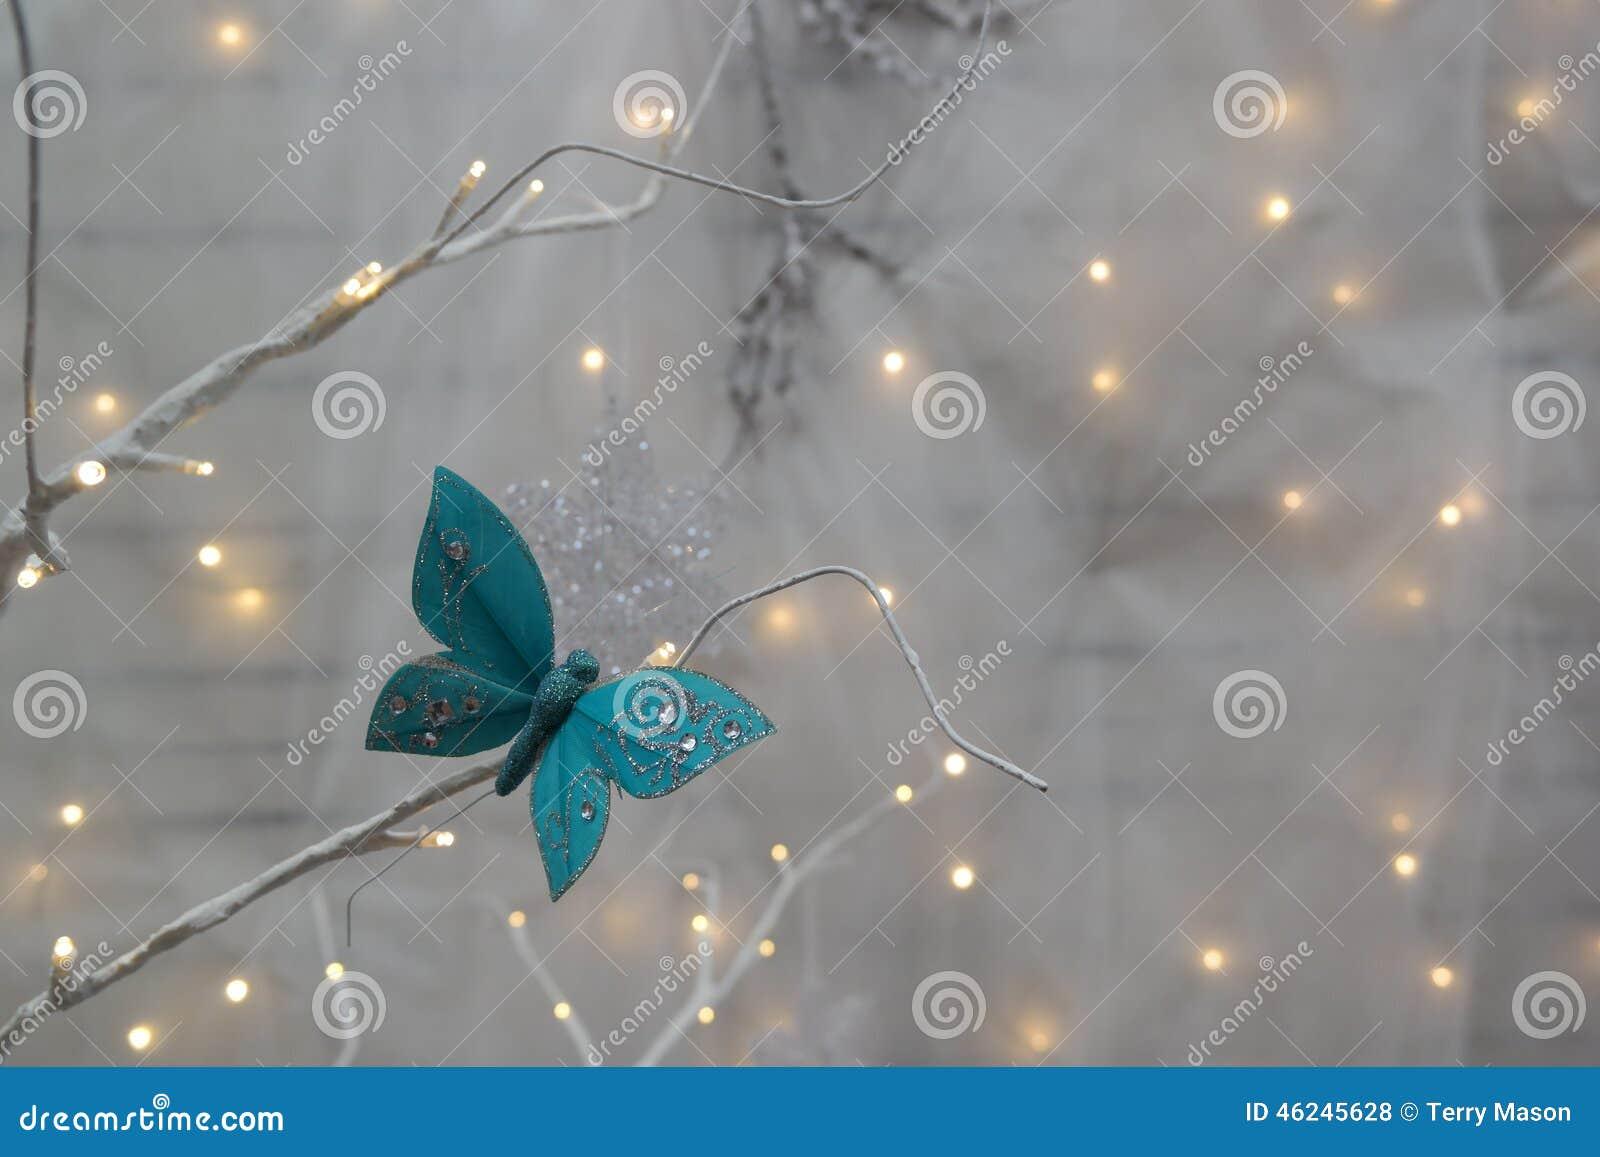 Bożonarodzeniowe światła i motyl